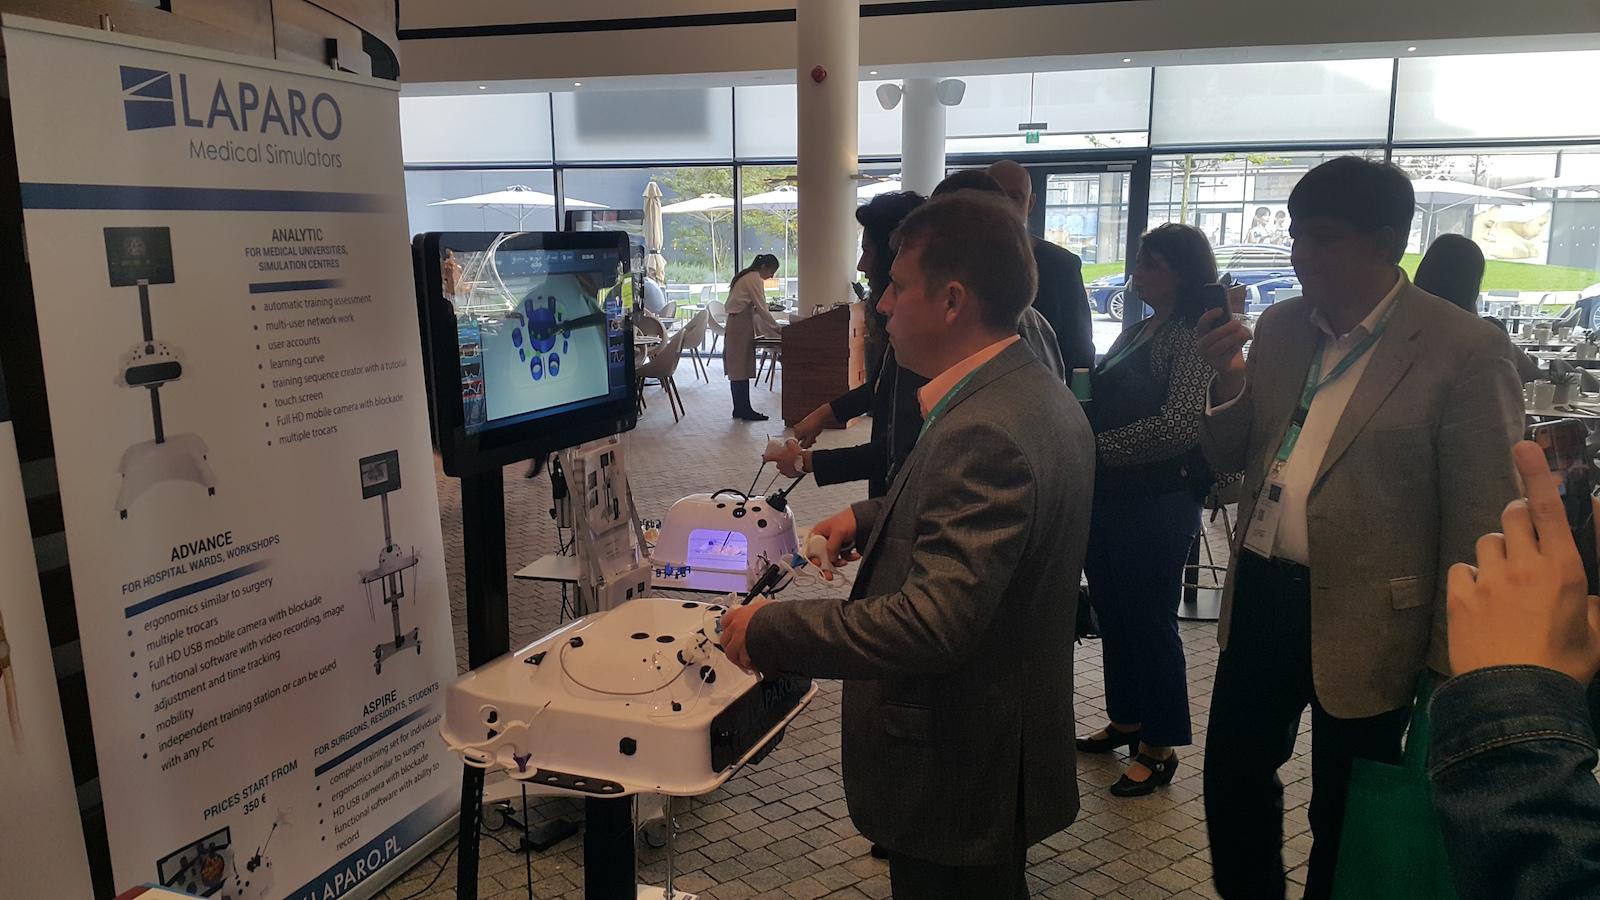 Як польські винахідники змінюють лікарняну практику симуляторами Laparo